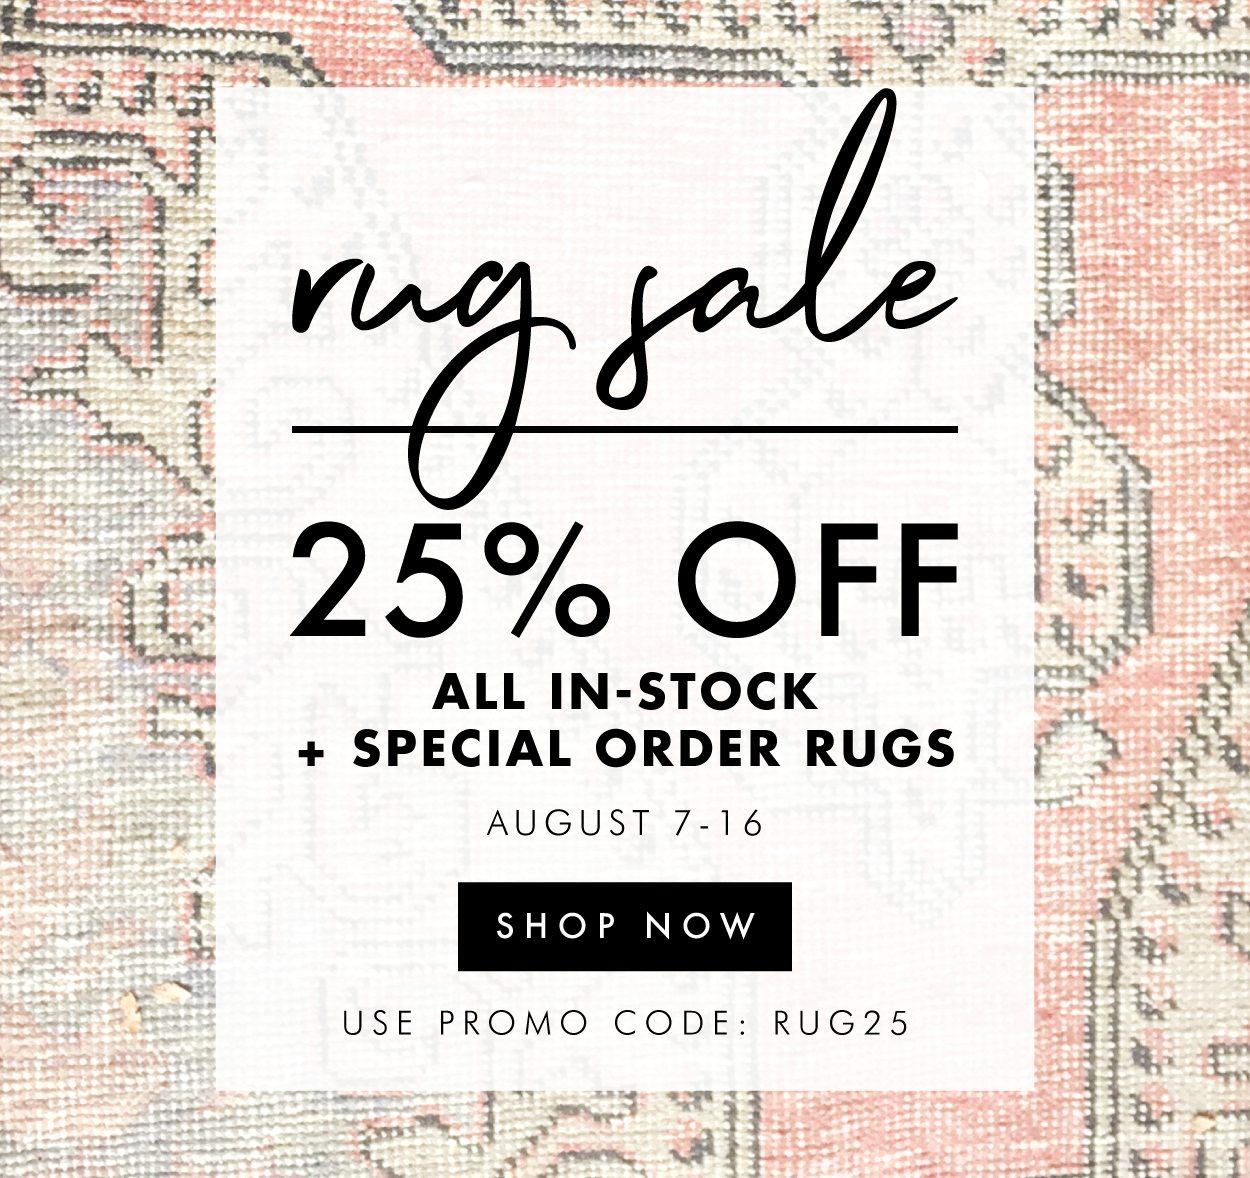 rug-sale-homepage